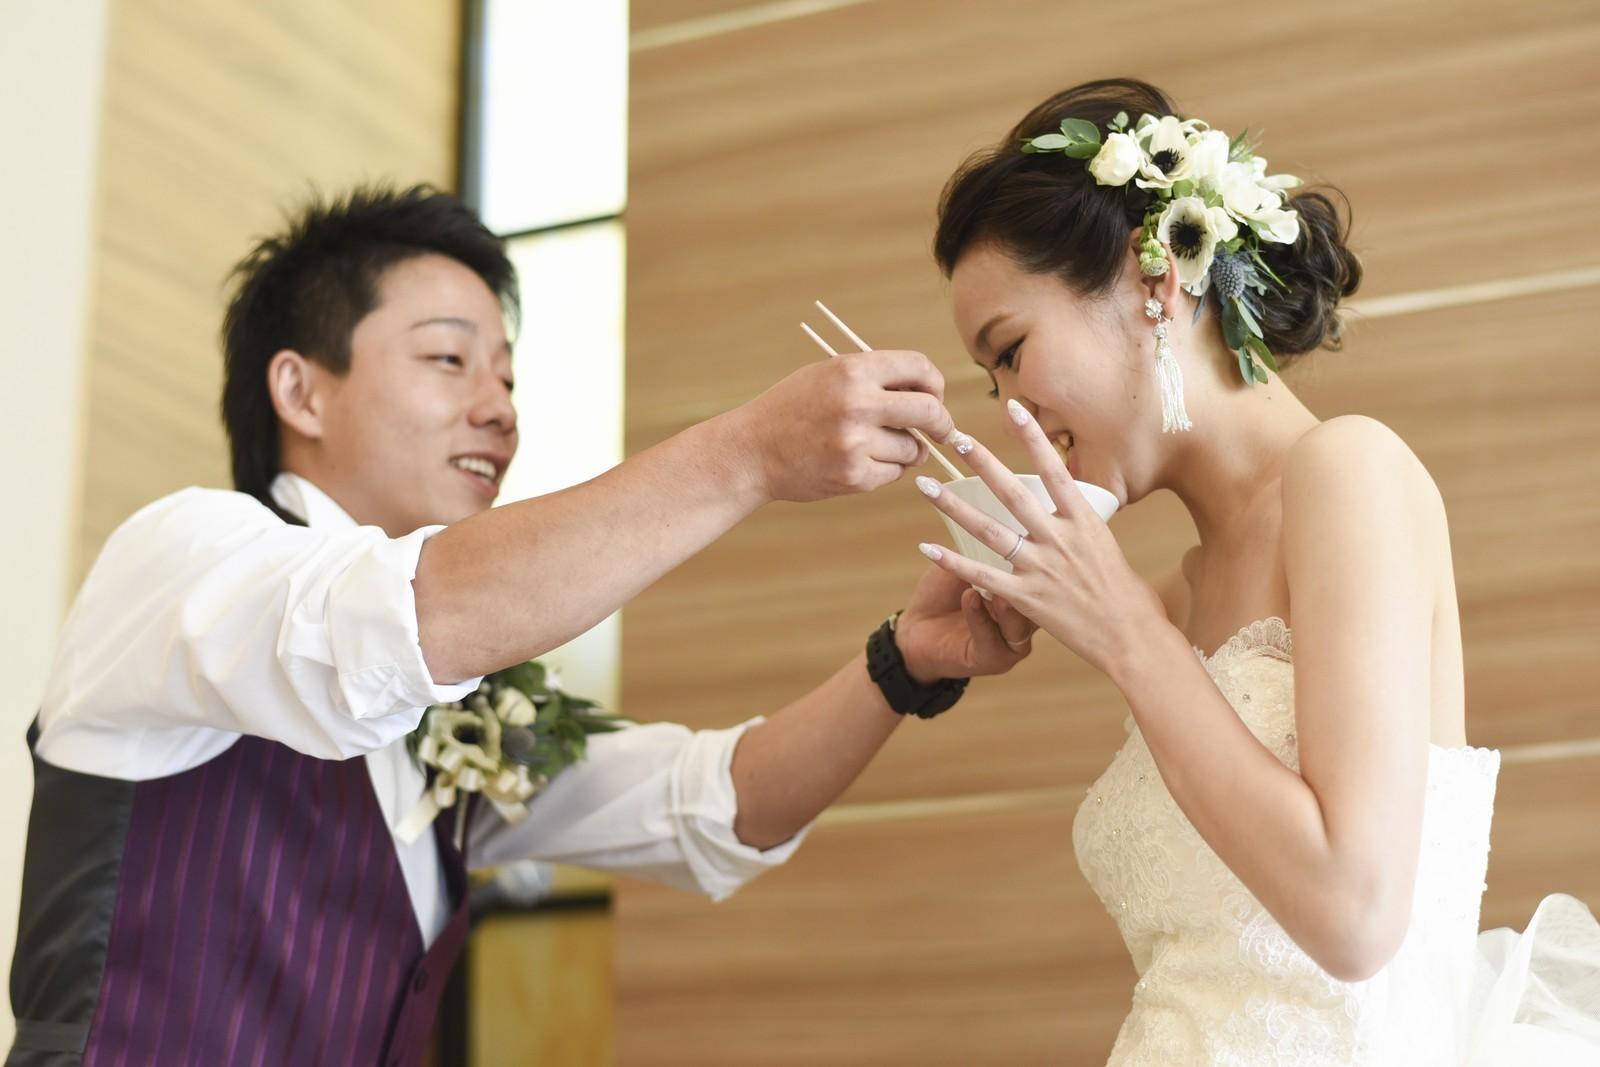 香川県の結婚式場アイスタイルでうどんでファーストバイト